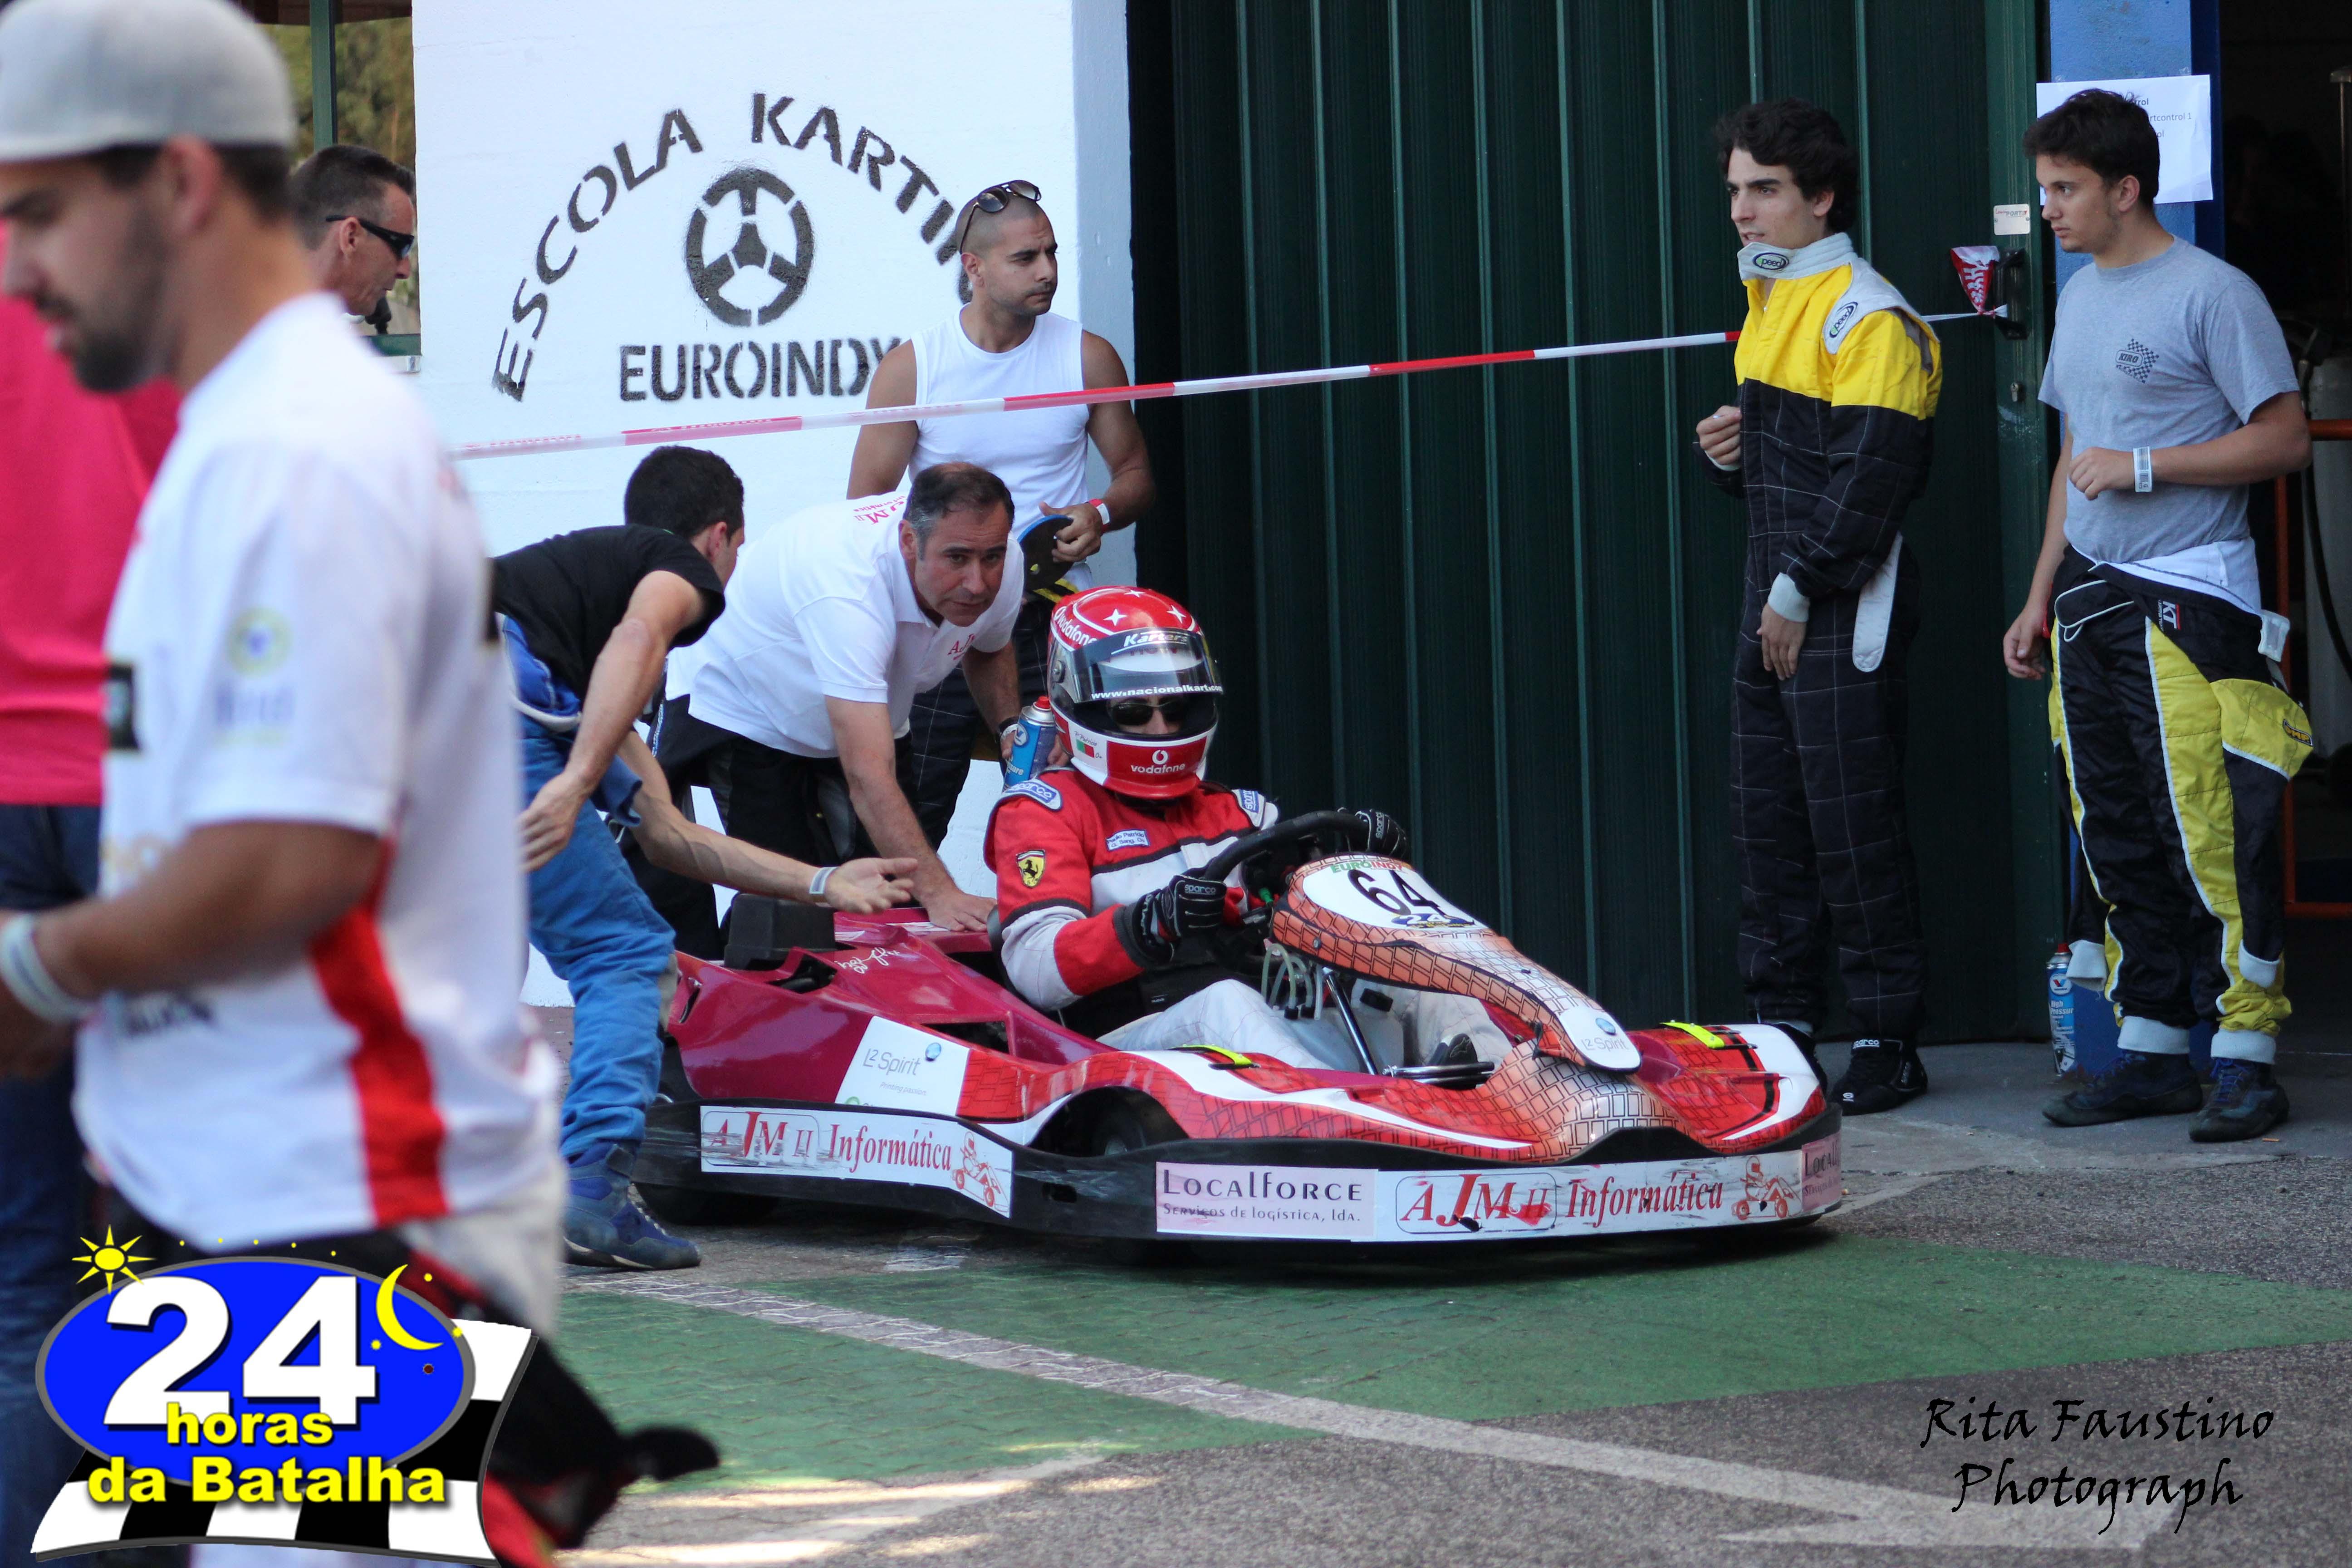 24 Horas da Batalha 2015 - Troca de pilotos20